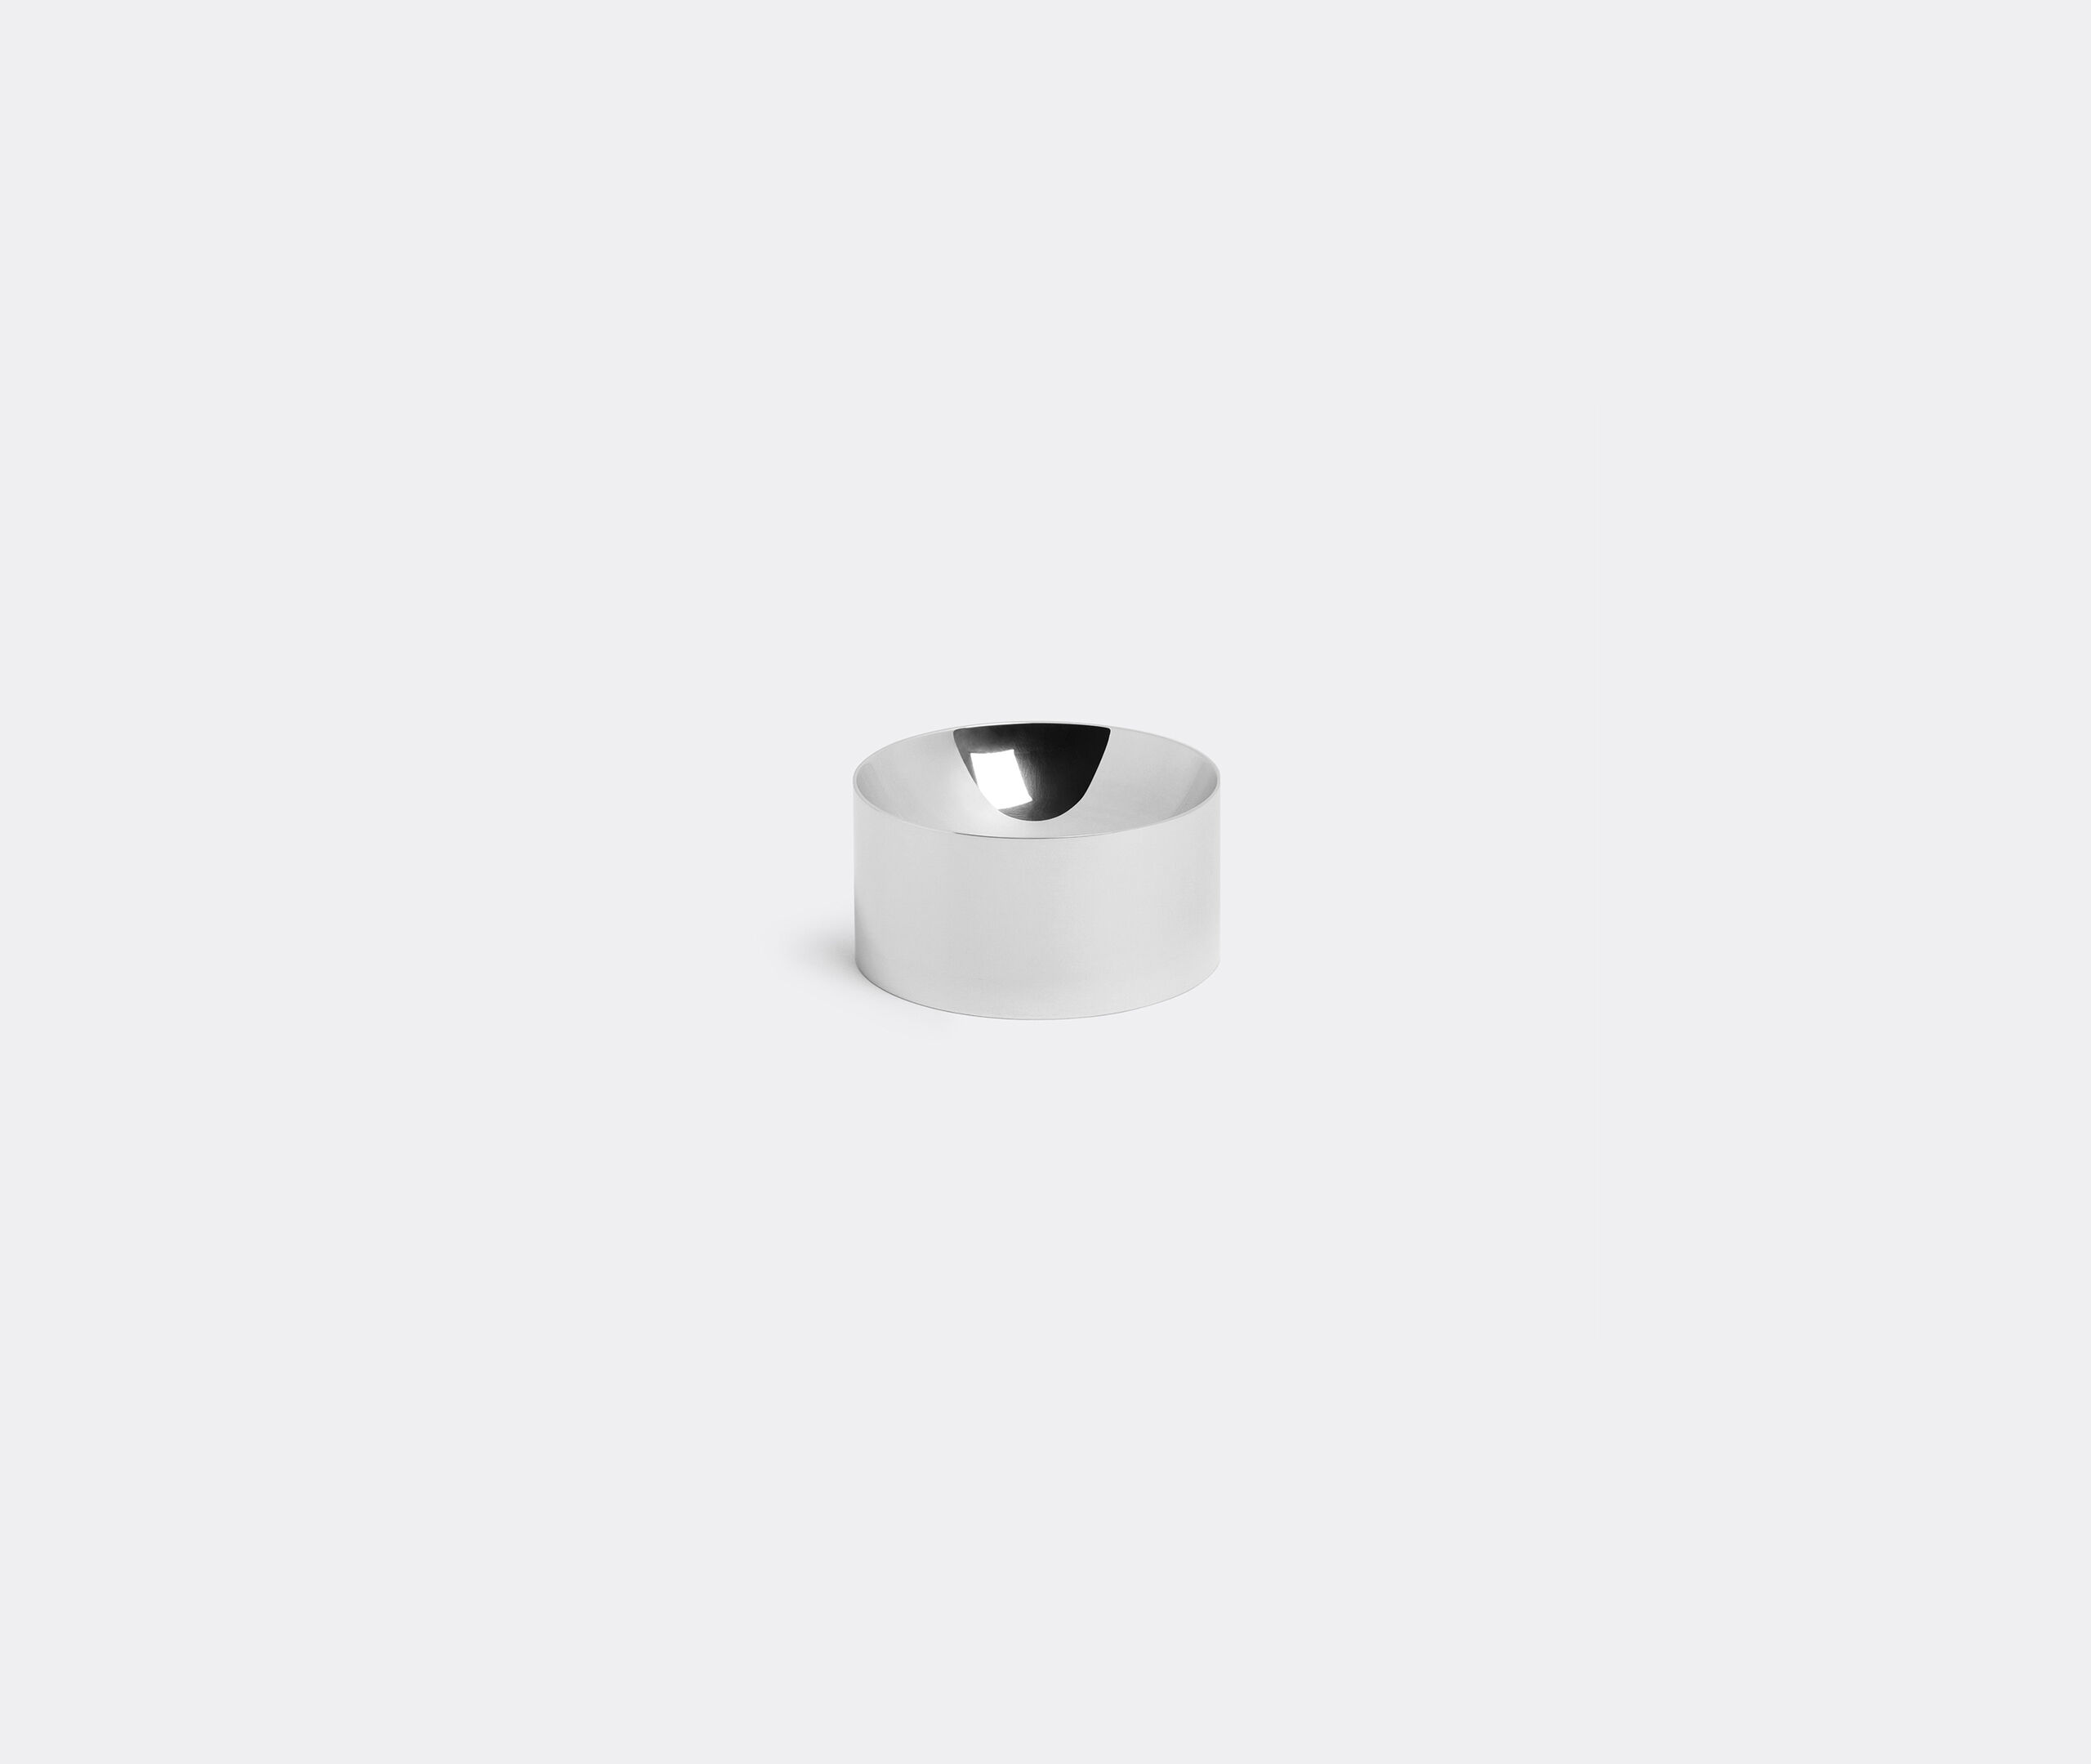 Dish 60:Aluminium